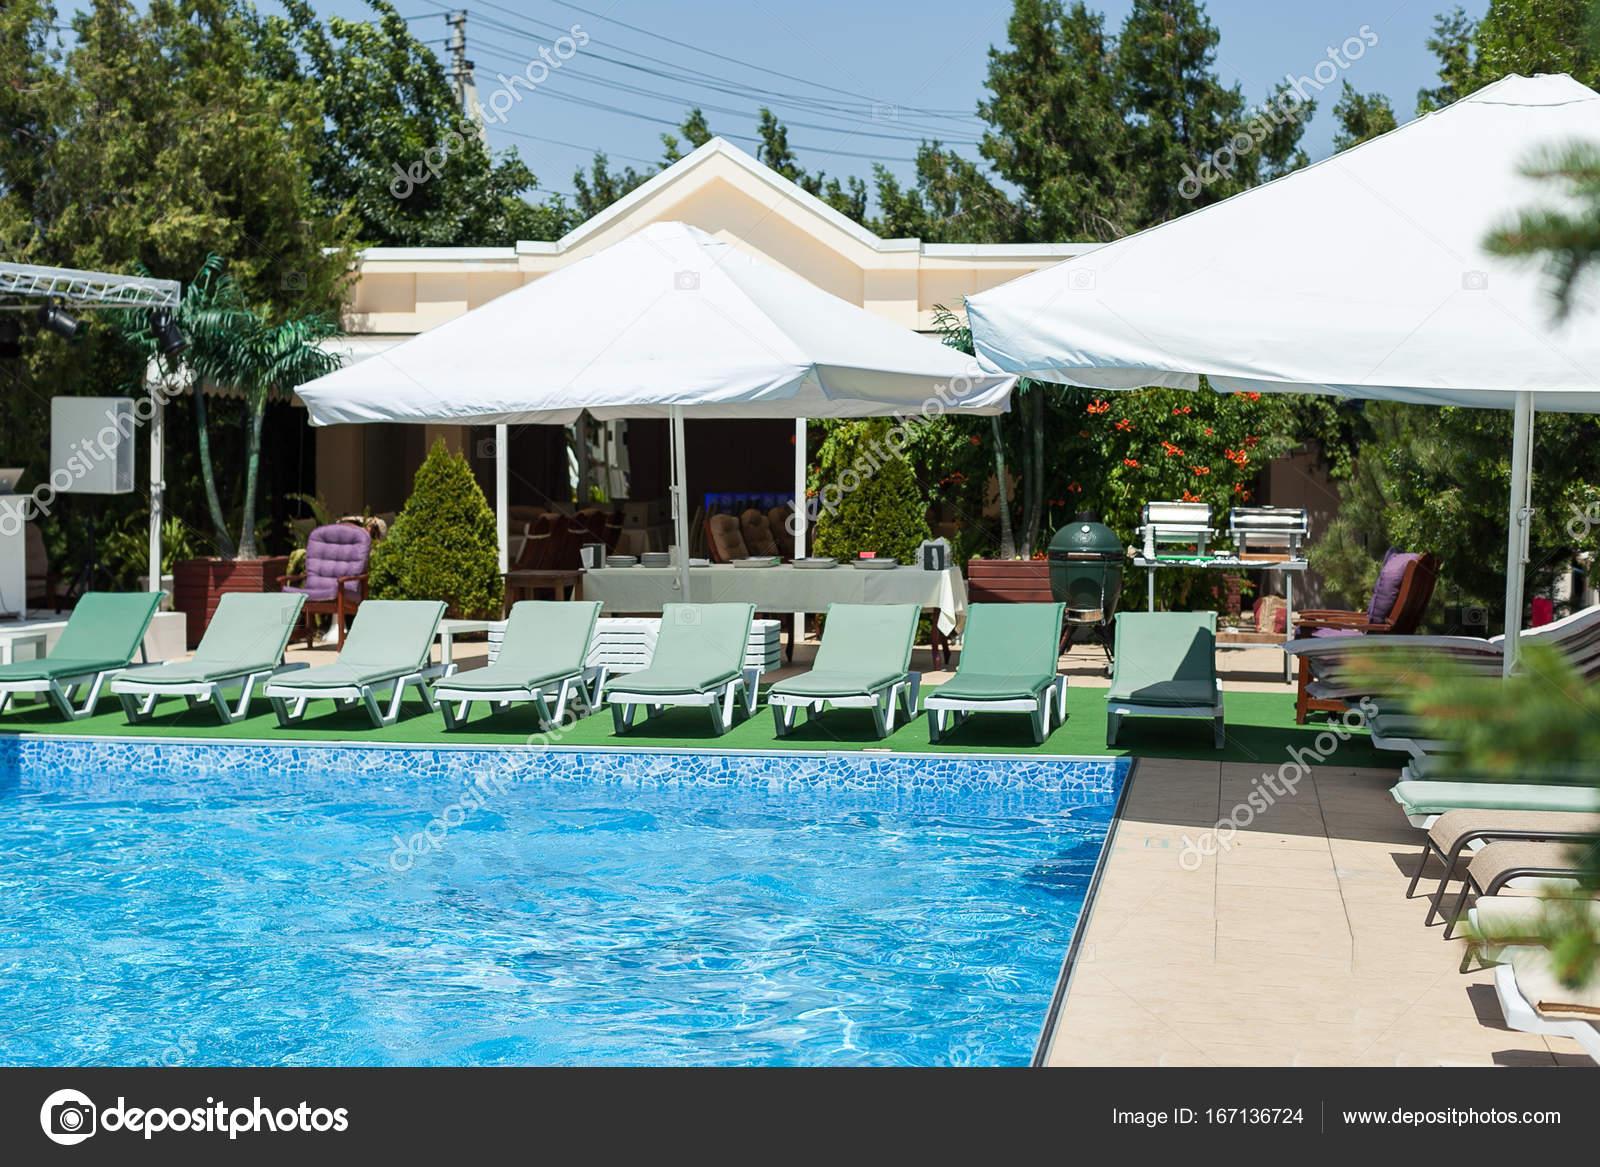 Hotel Erholung, Urlaub Und Sommer Schwimmen Konzept   Closeup Schöne Pool  Mit Klarem, Blauem Wasser Und Liegestühle ...